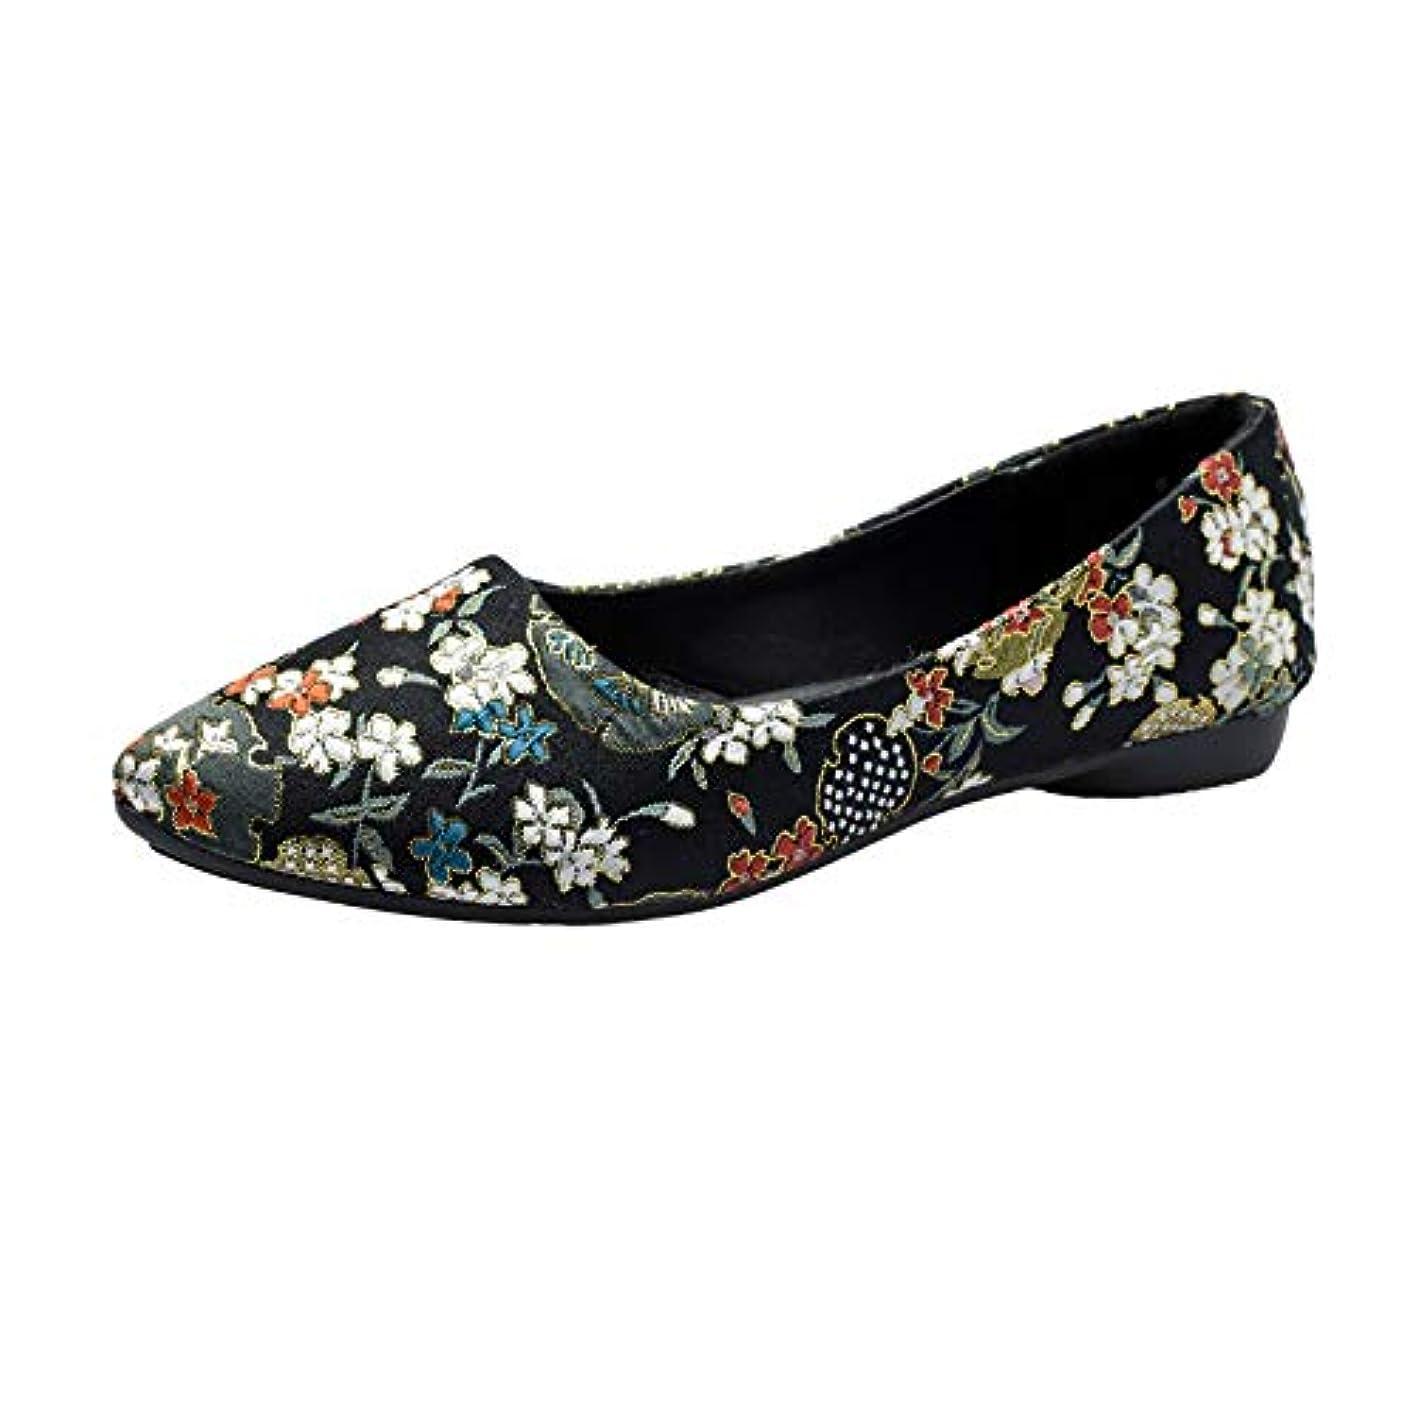 フラットシューズ レディース Hodarey 浅口 尖 刺繍花フラットシューズワンペダル 怠惰な靴 カジュアルシューズ シングルシューズ ファッション 女性の靴 かわいい 履きやすい 美脚 人気 安い レディースローファー カジュアル フラットシューズ